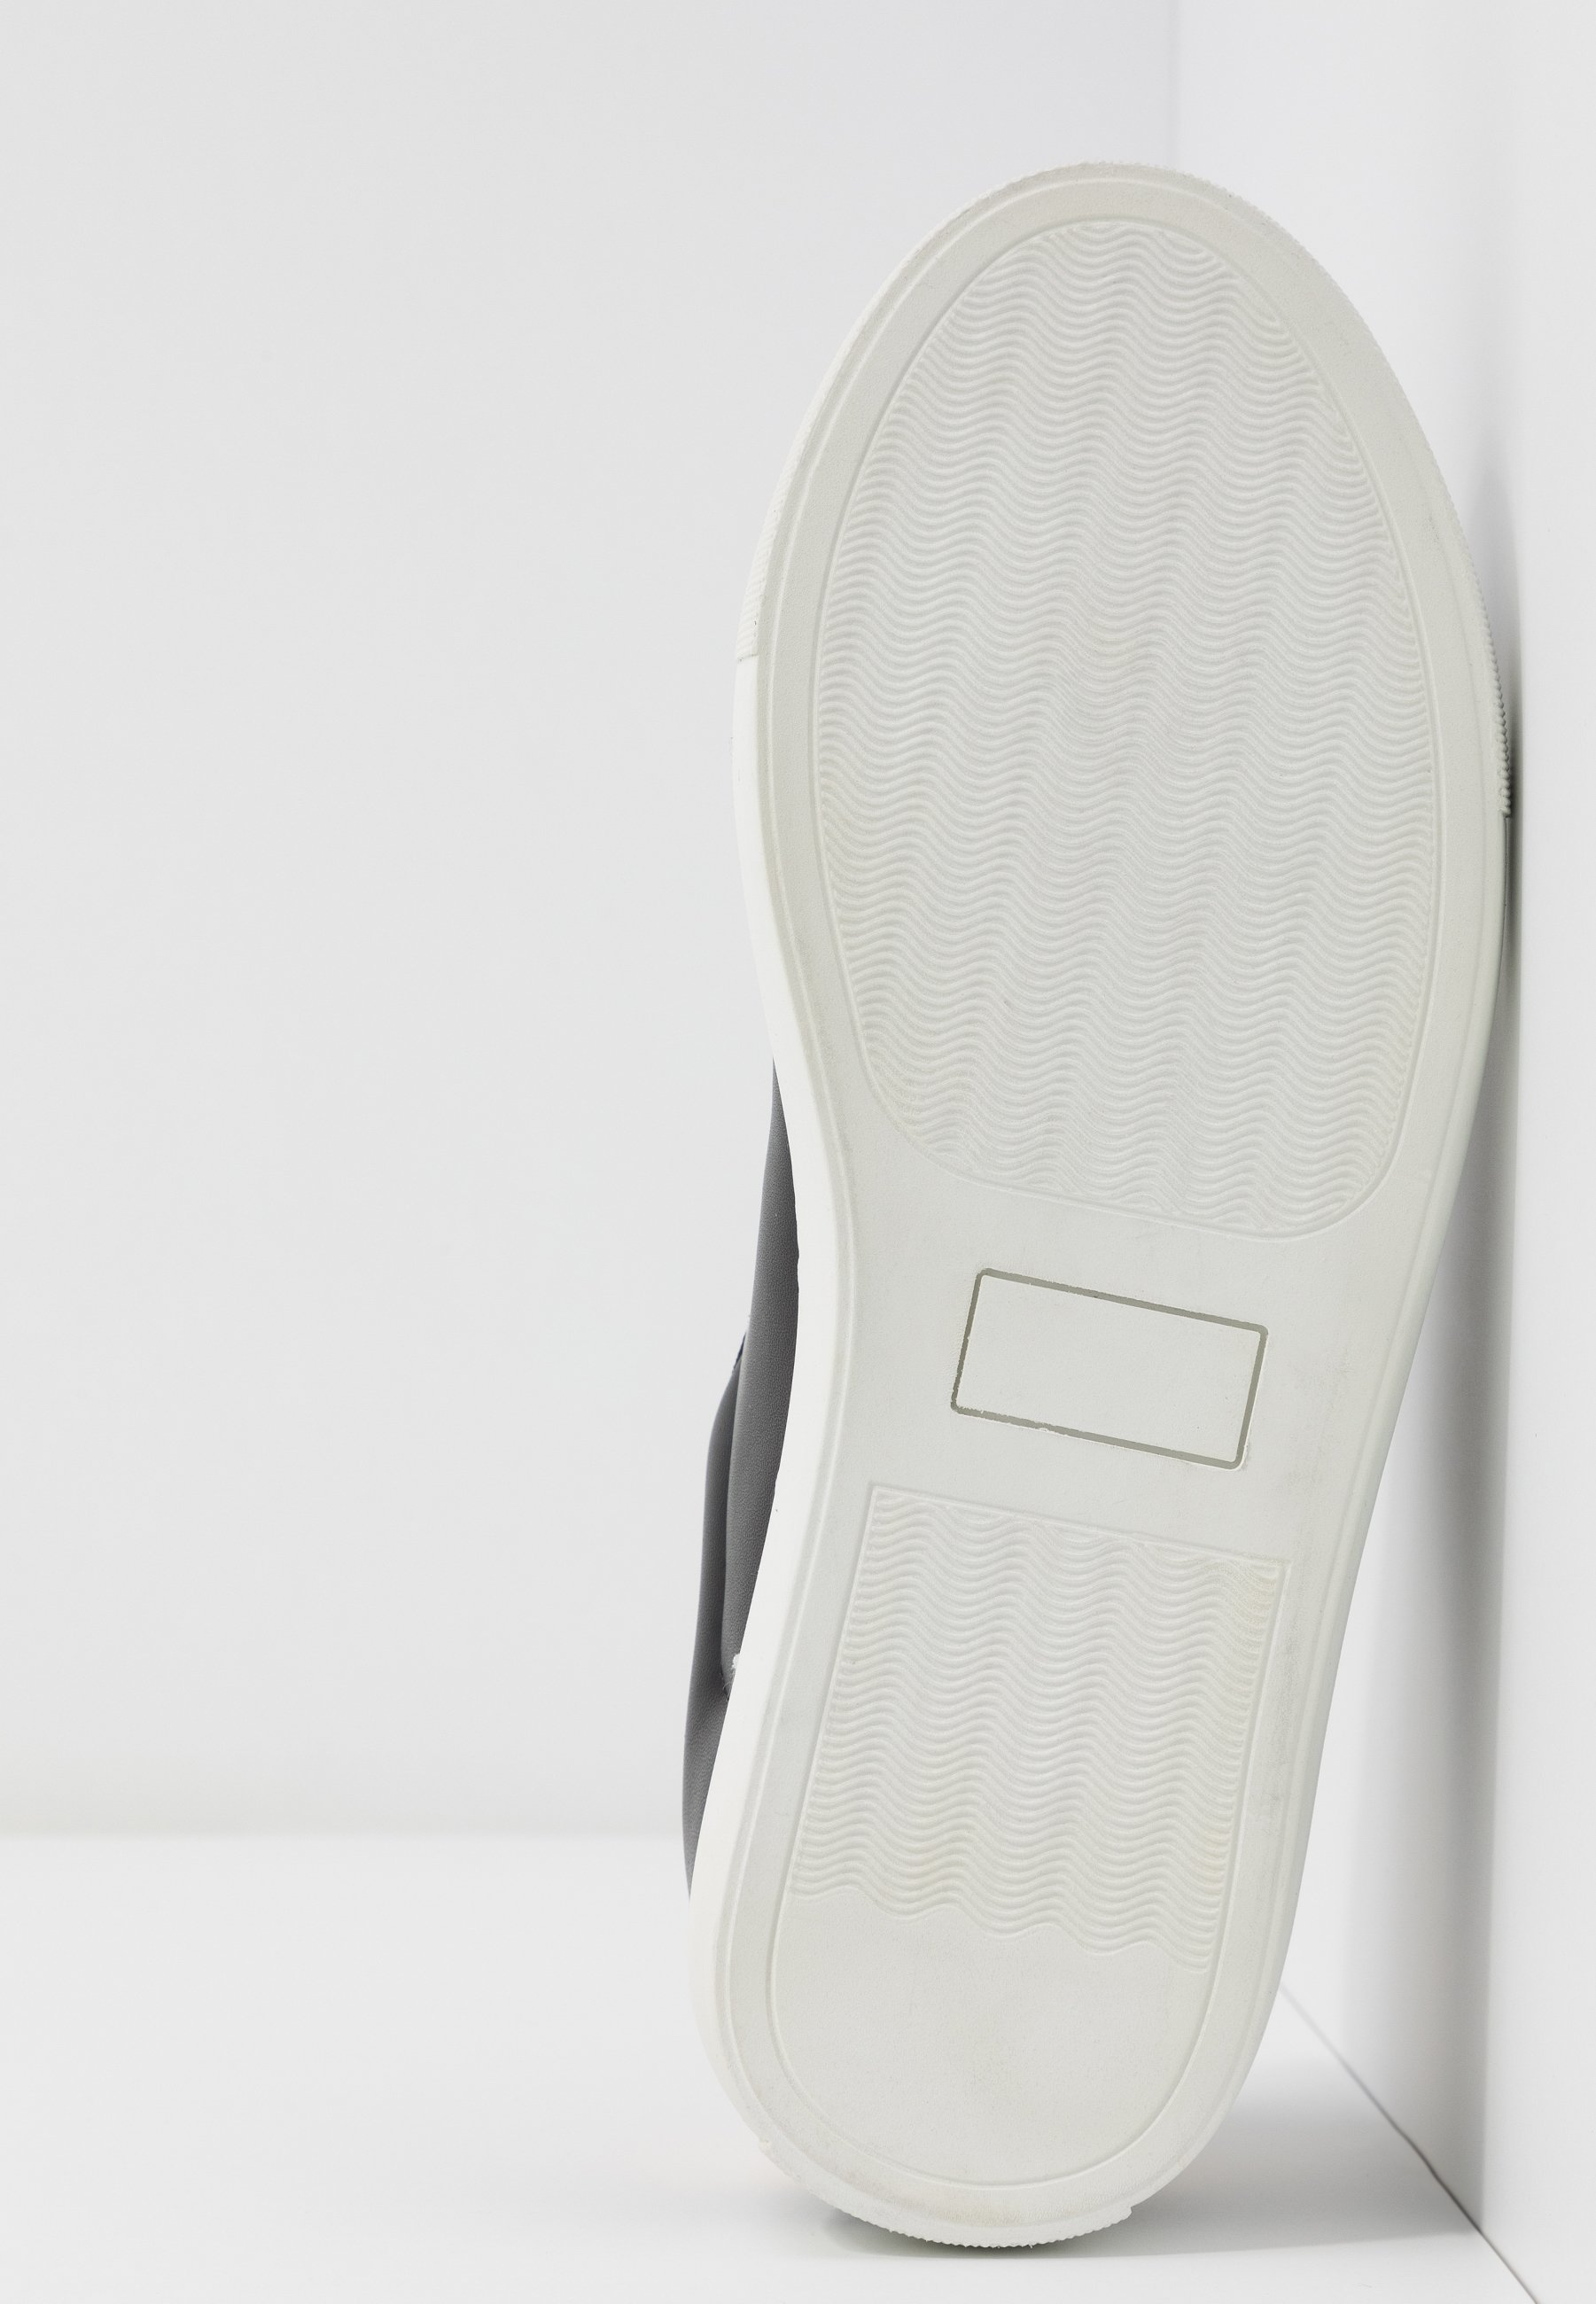 Zadig & Voltaire Trainers - black Women's Skate Shoes fWWqr